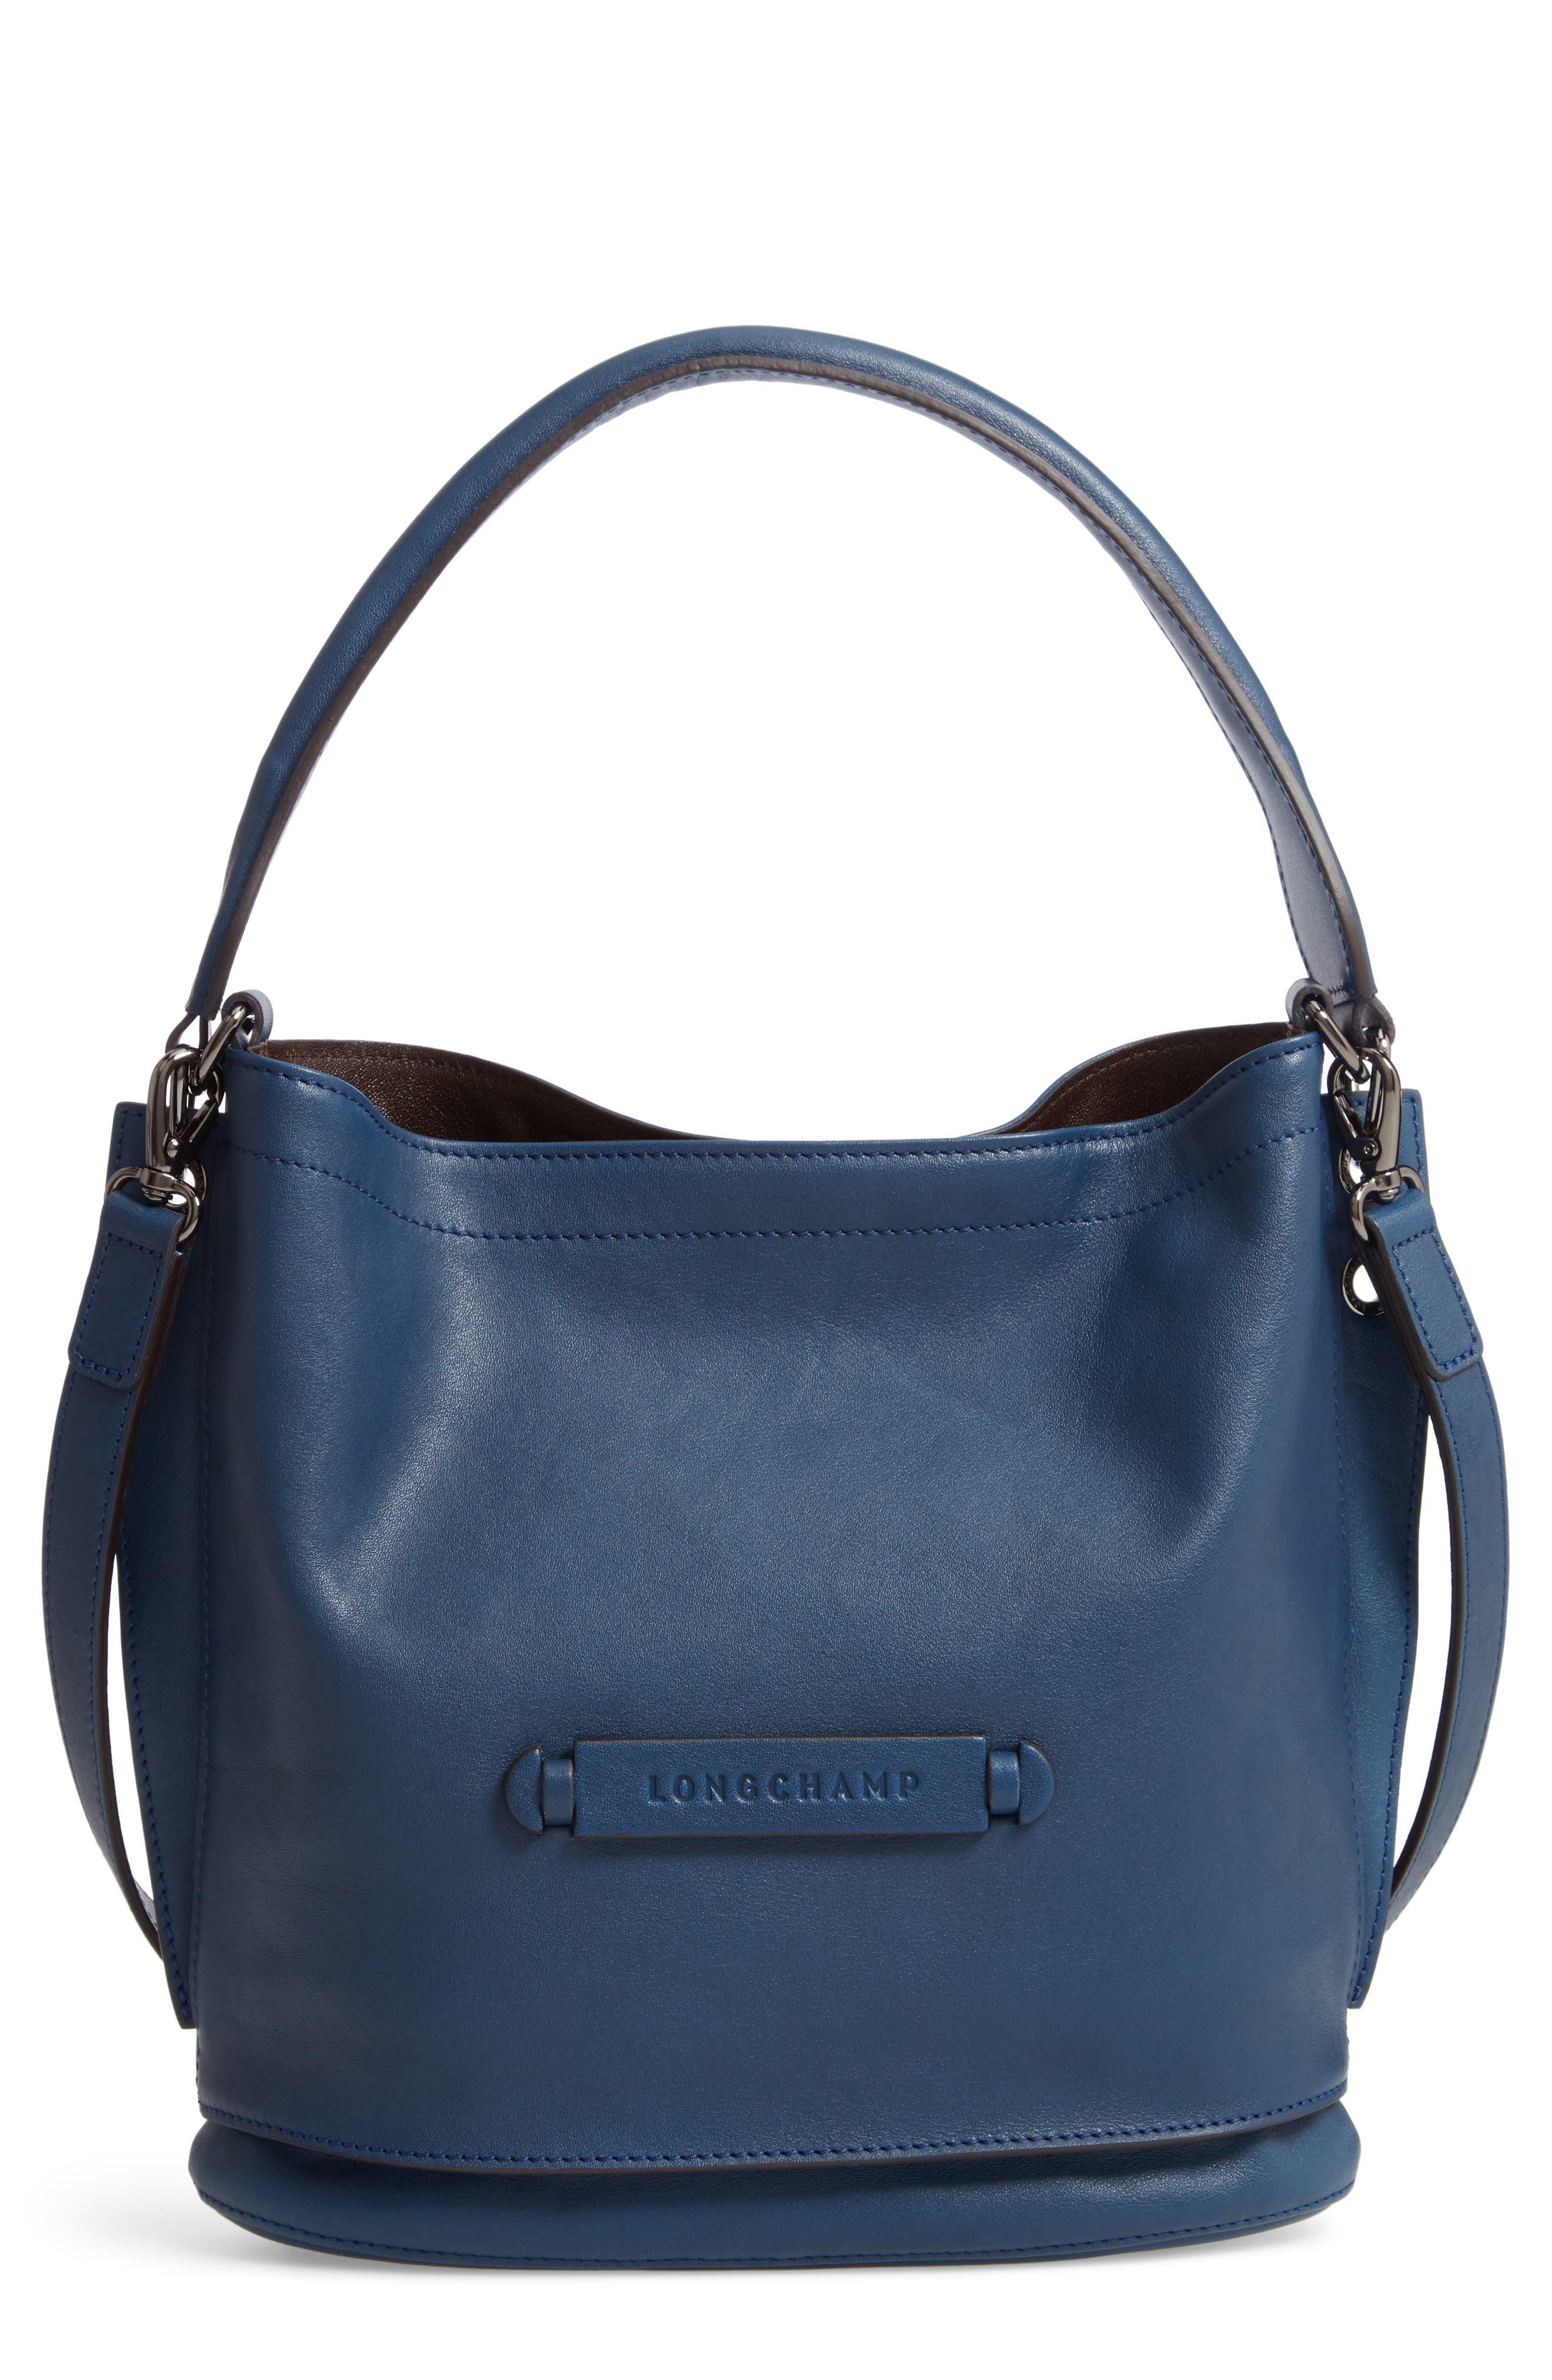 3D Leather Bucket Bag,                         Main,                         color, PILOT BLUE